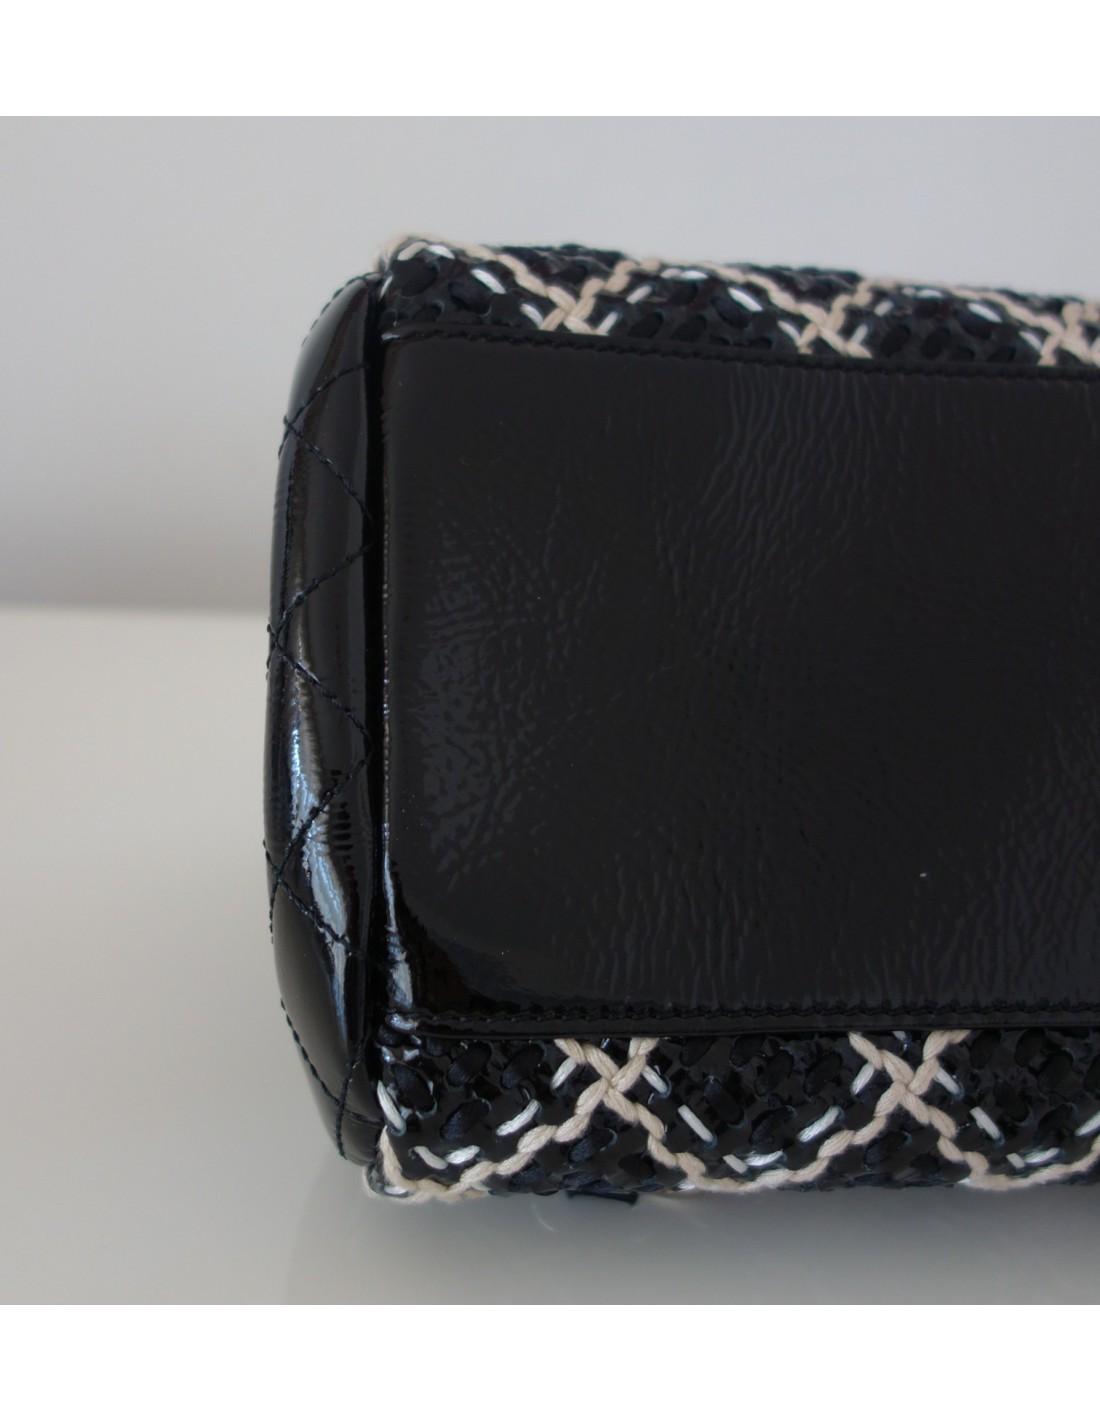 Sac A Main Chanel Blanc Et Noir : Sac chanel noir et blanc